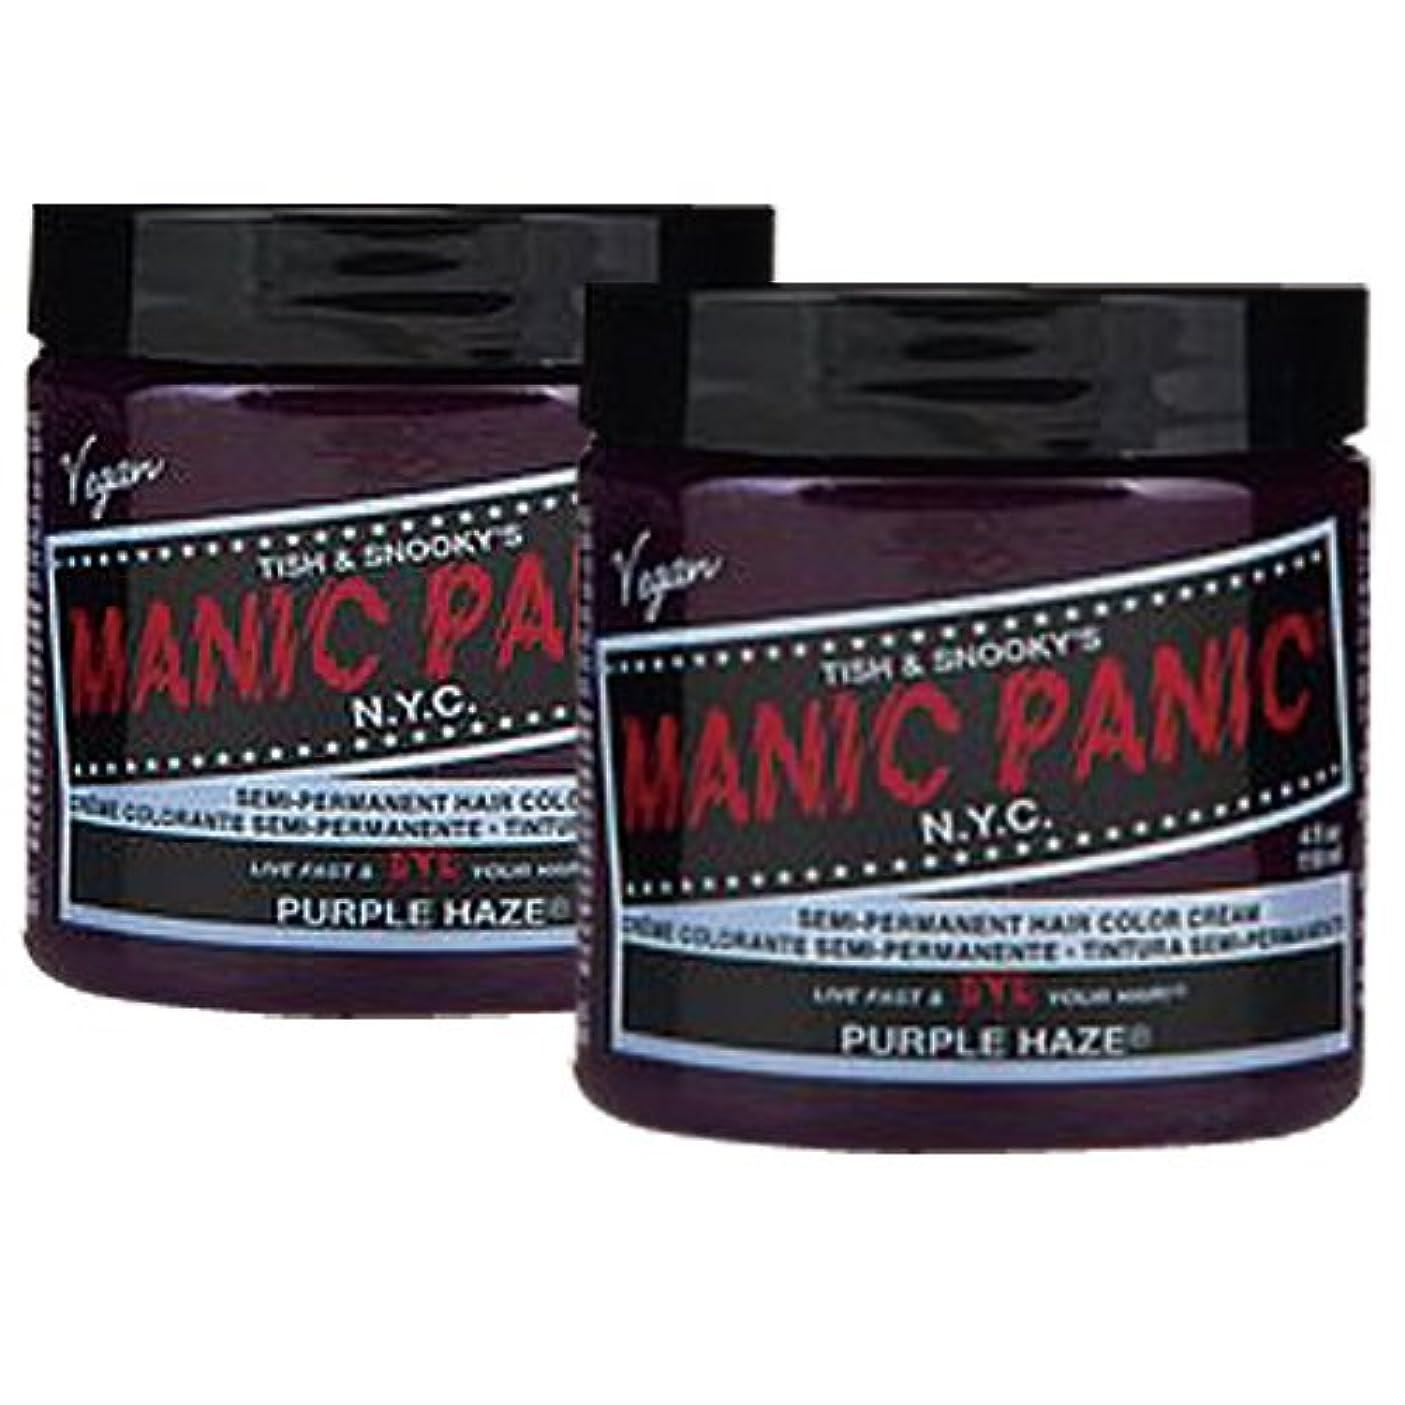 性格発生器特権的【2個セット】MANIC PANIC マニックパニック Purple Haze パープルヘイズ 118m